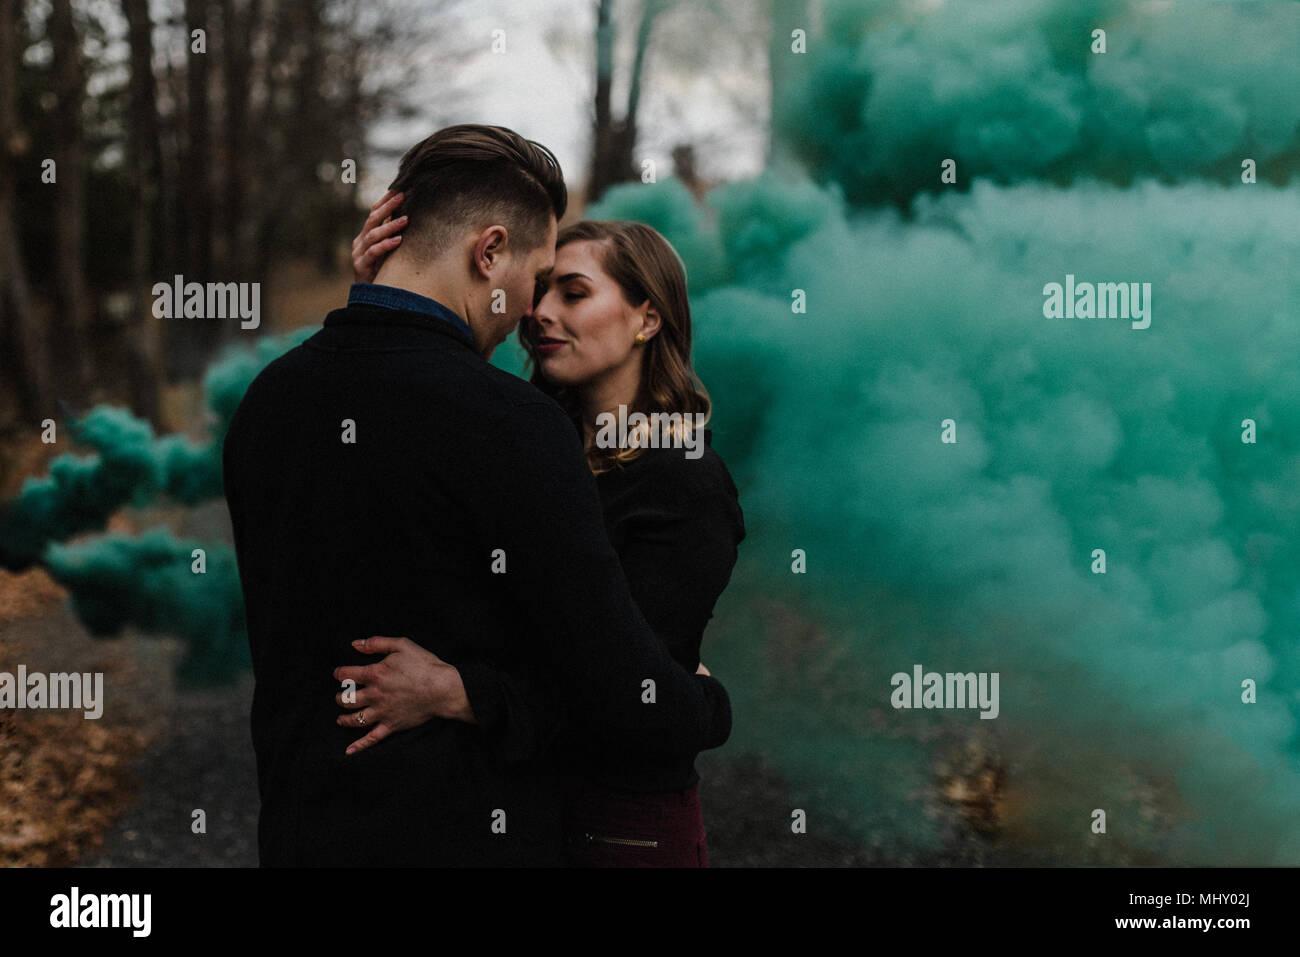 Couple en forêt par nuage de fumée verte Photo Stock